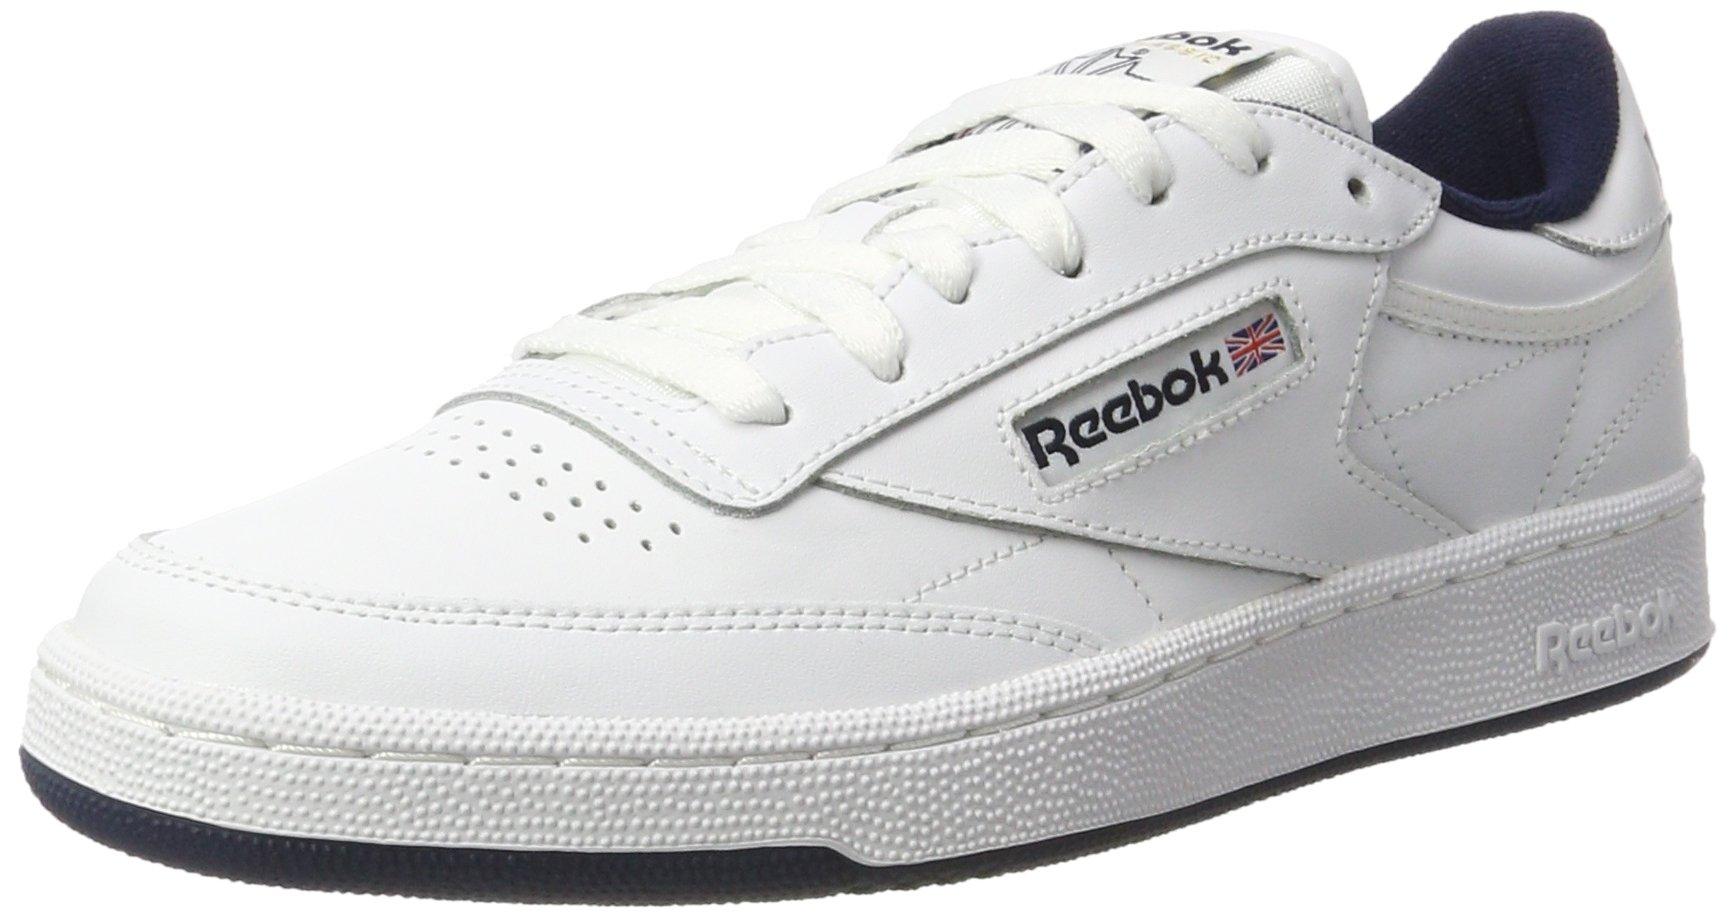 16b46cc4d8ace4 Galleon - Reebok Low Sneakers Men s Shoes AR0457 Club C 85 Size 45 White  Blue